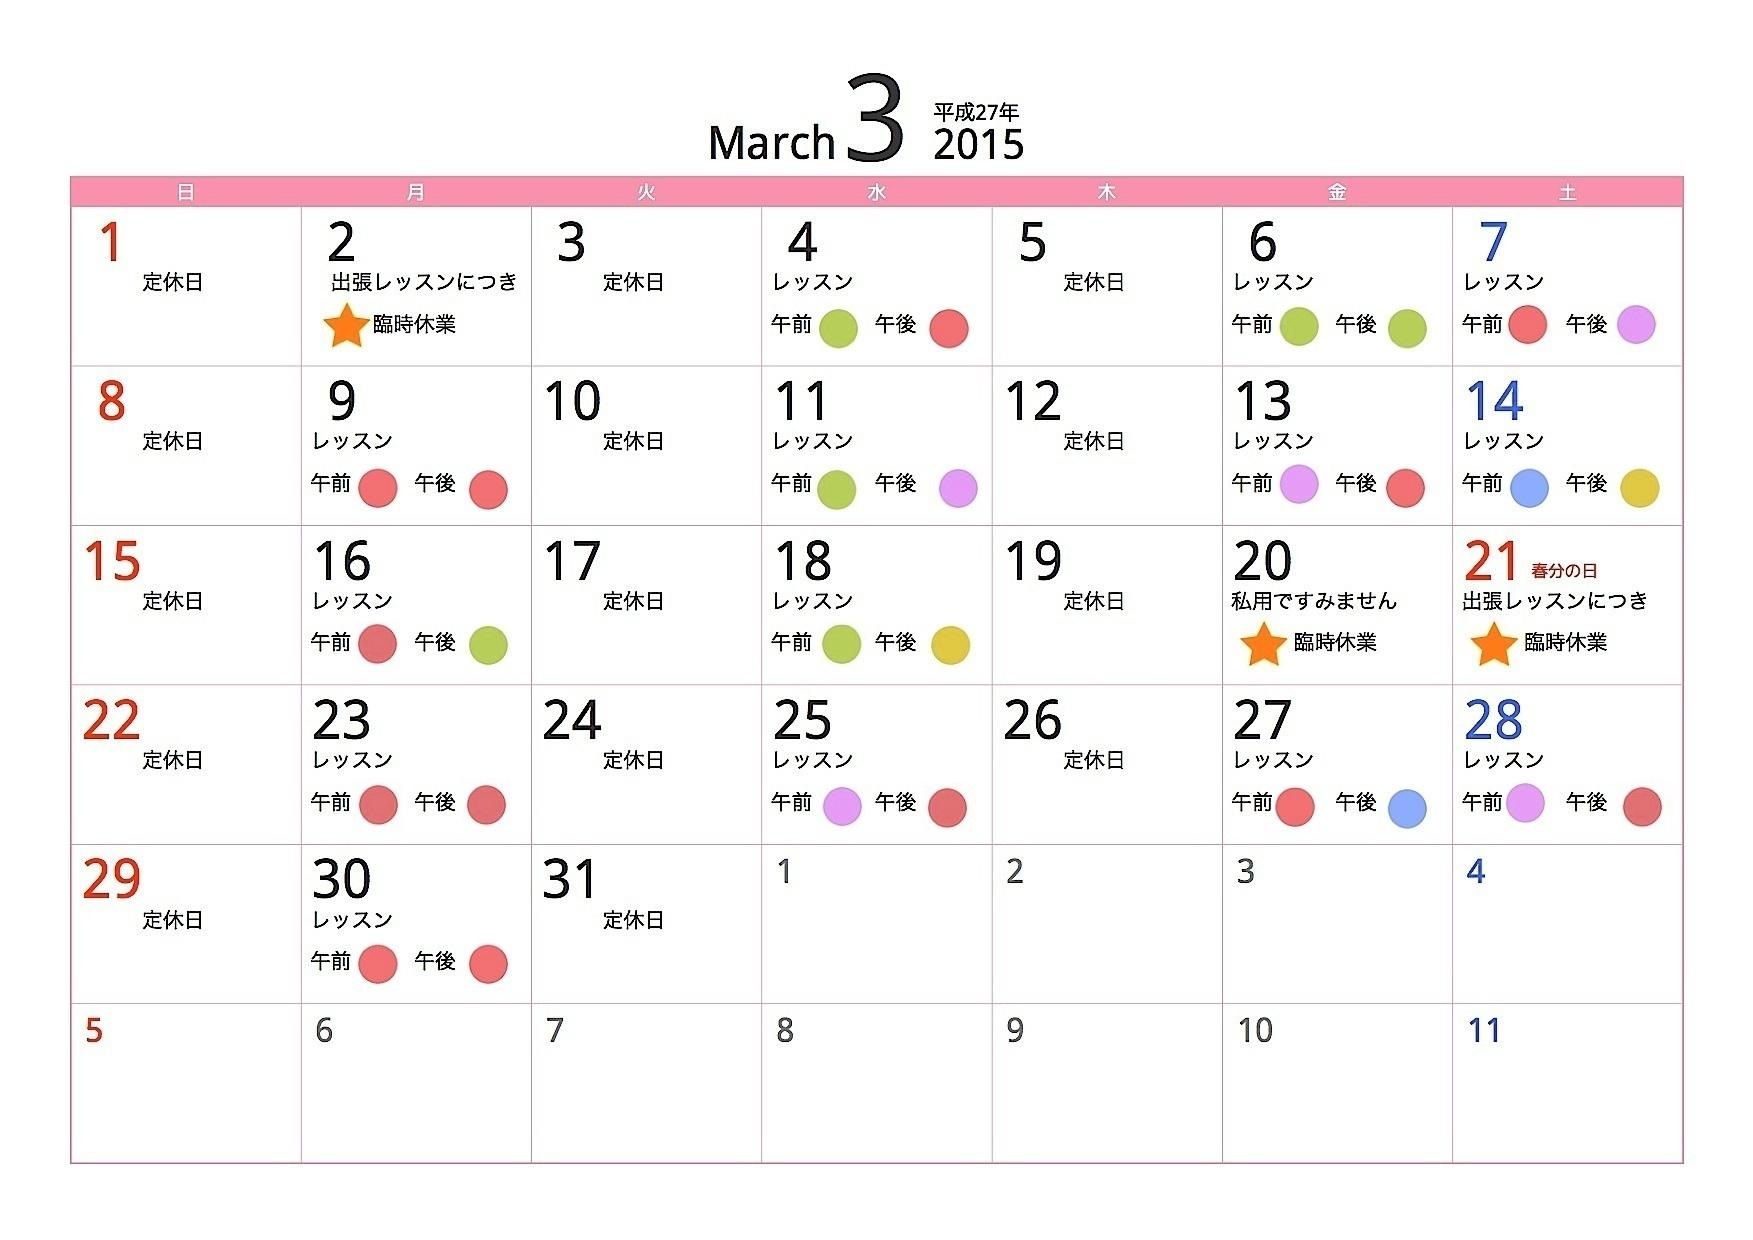 3月のレッスンご予約状況カレンダー_b0192257_9302448.jpg